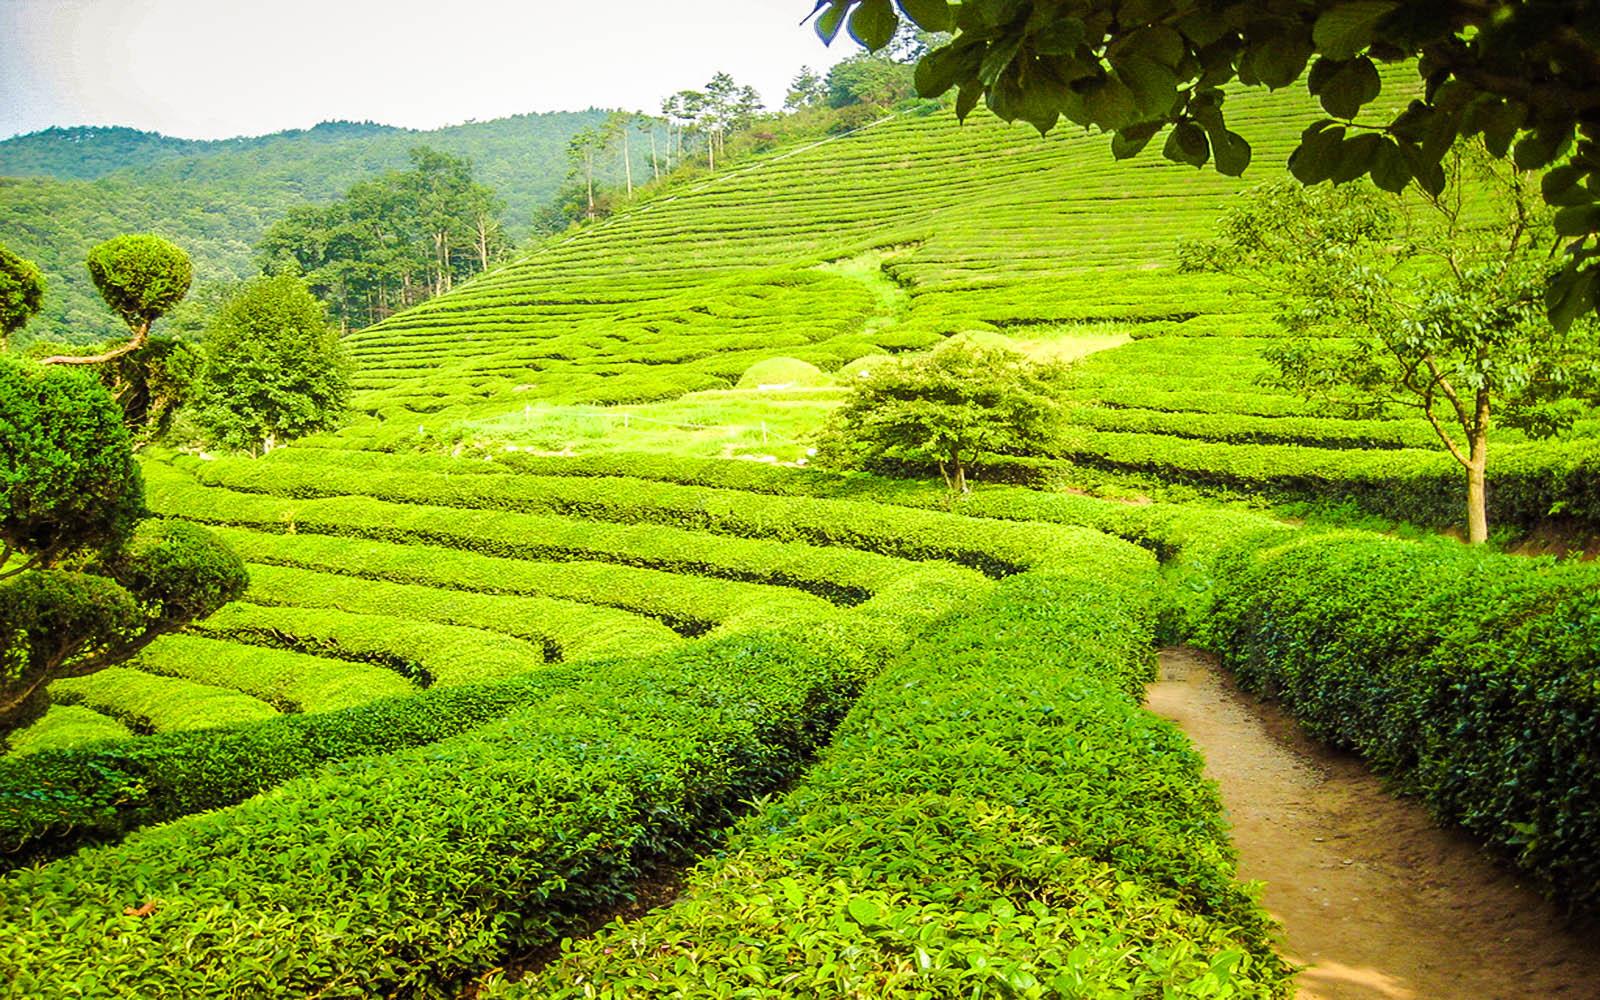 Boseong Green tea South Korea